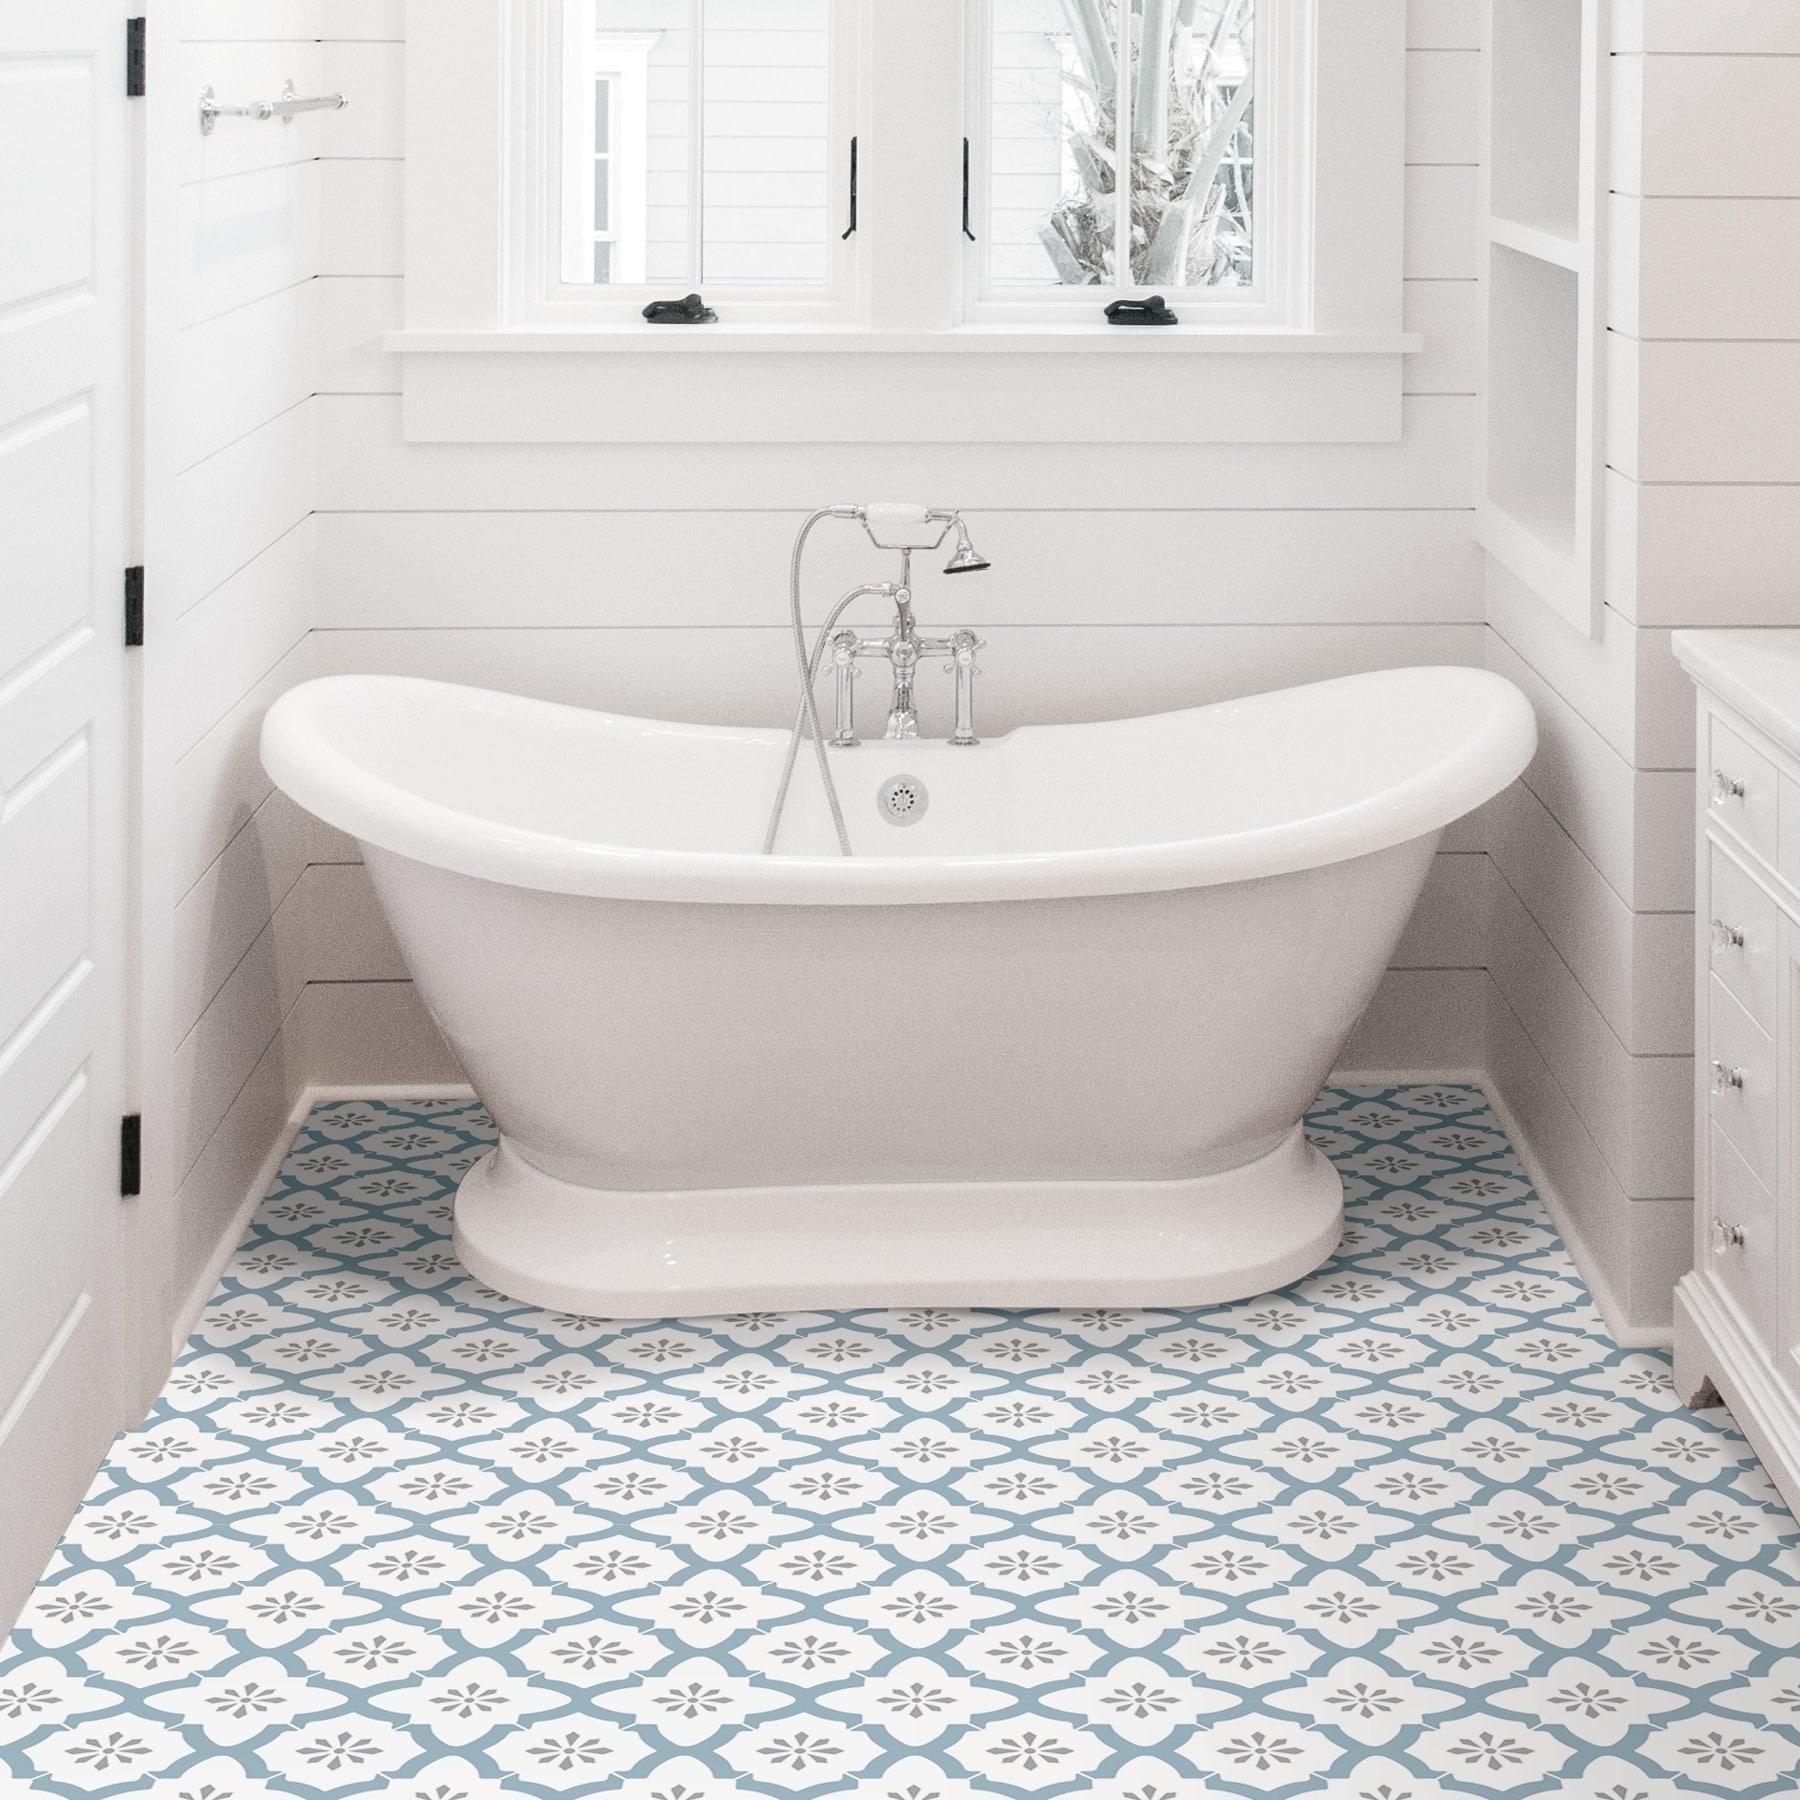 Polk Peel Stick Alfama Floor Tiles Overstock 30290820